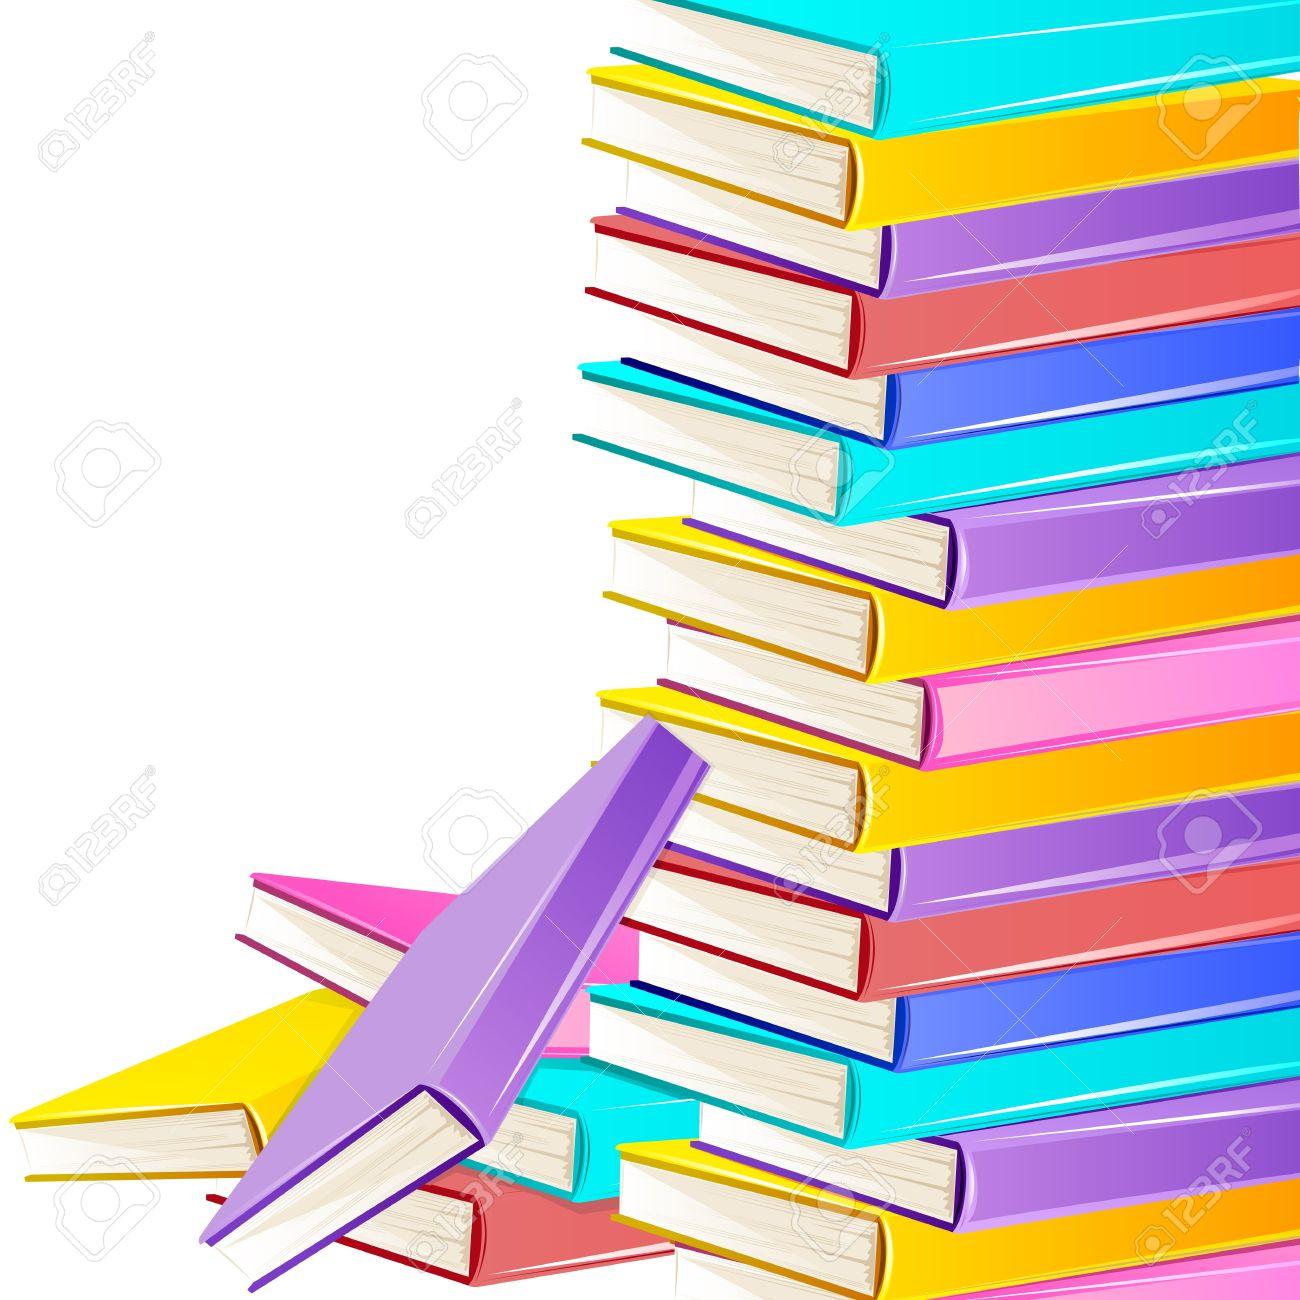 Ilustración De La Pila De Libros De Colores Sobre Fondo Blanco ...